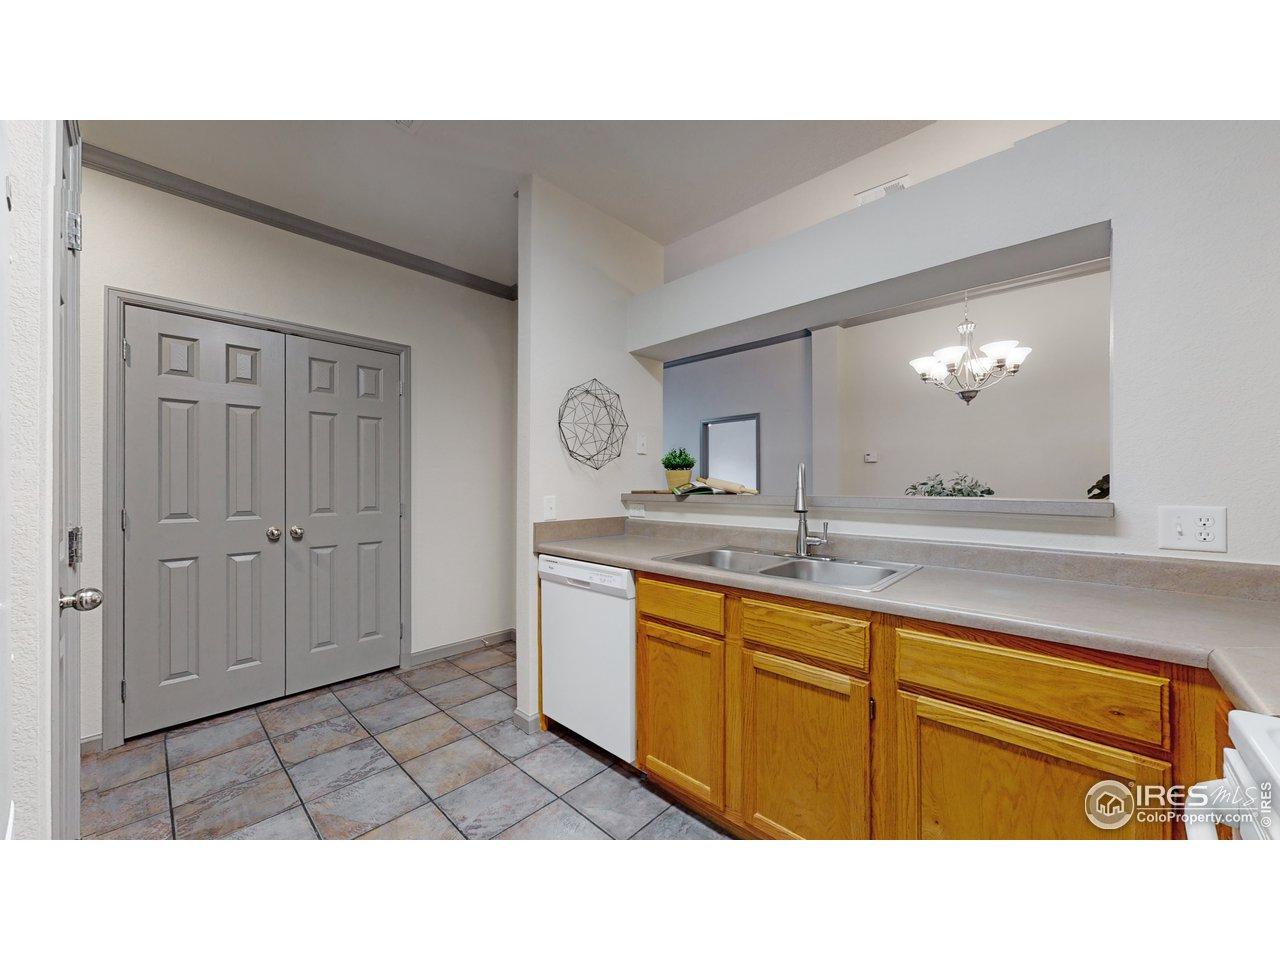 True tile flooring in kitchen